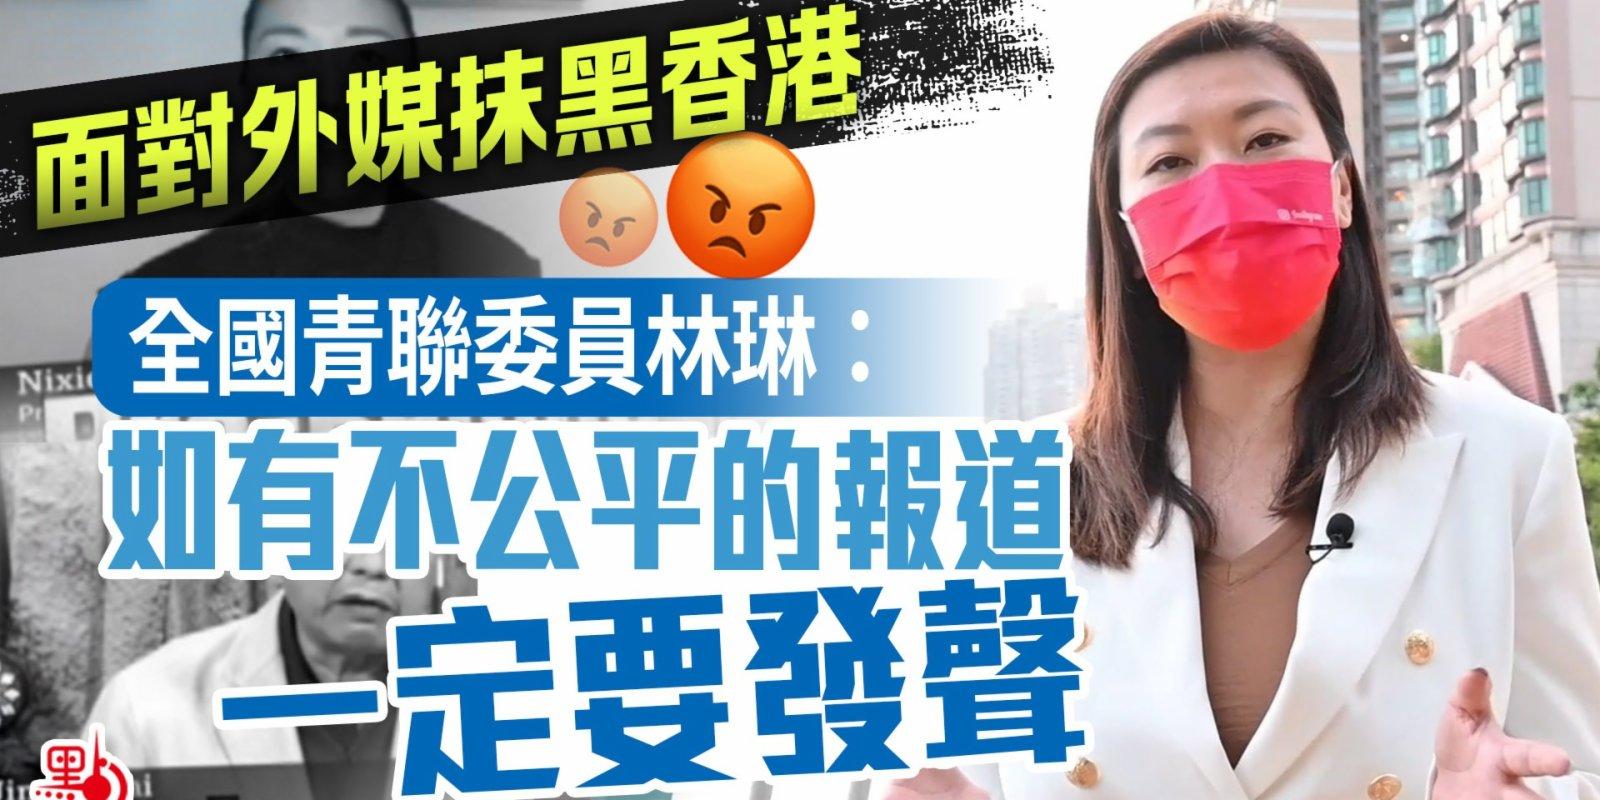 面對外媒抹黑香港 全國青聯委員林琳:如有不公平的報道一定要發聲